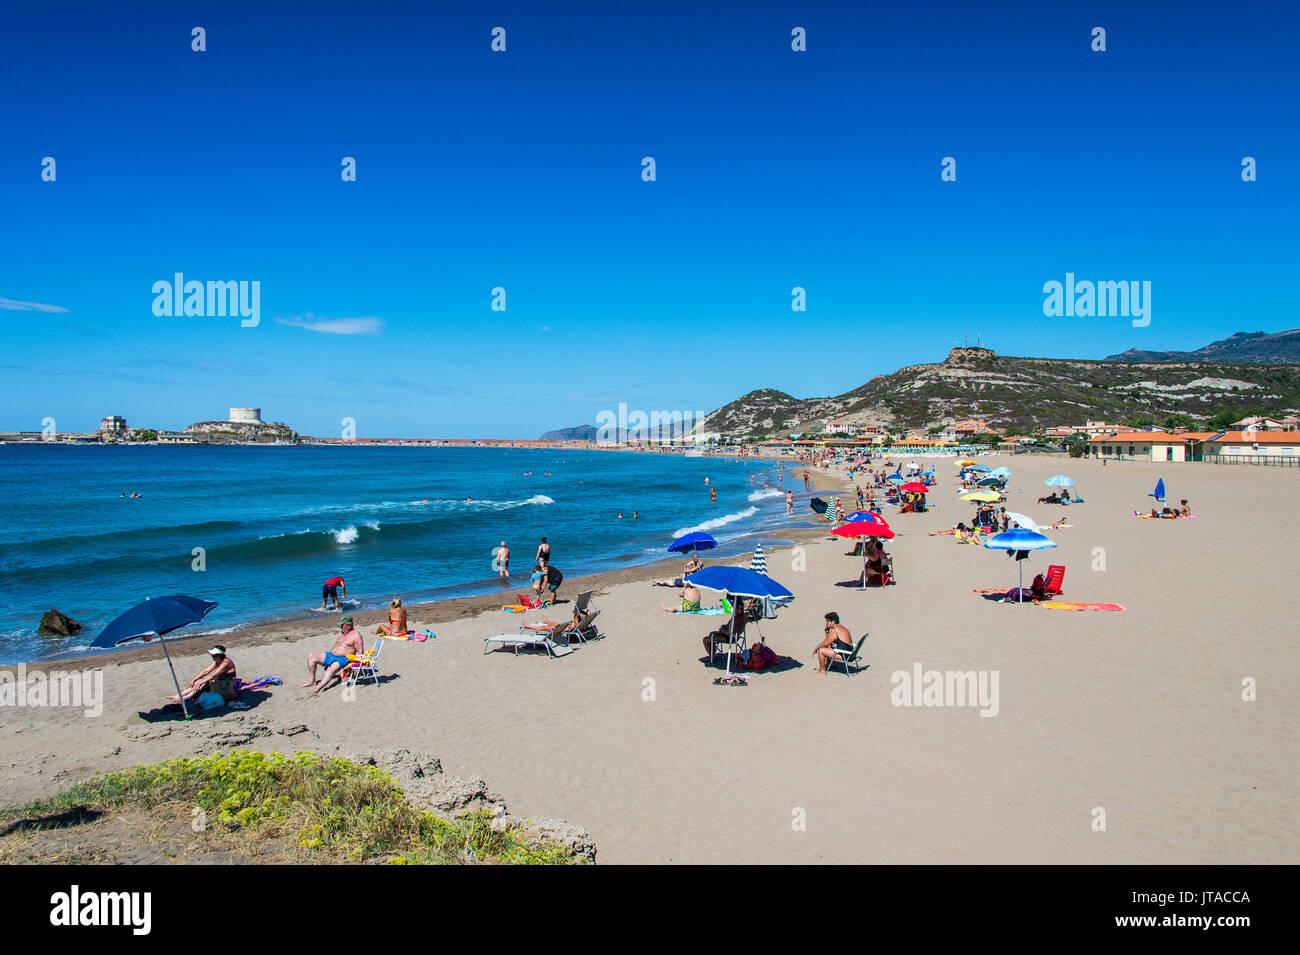 Plage de La Caletta, côte est de la Sardaigne, Italie, Méditerranée, Europe Photo Stock